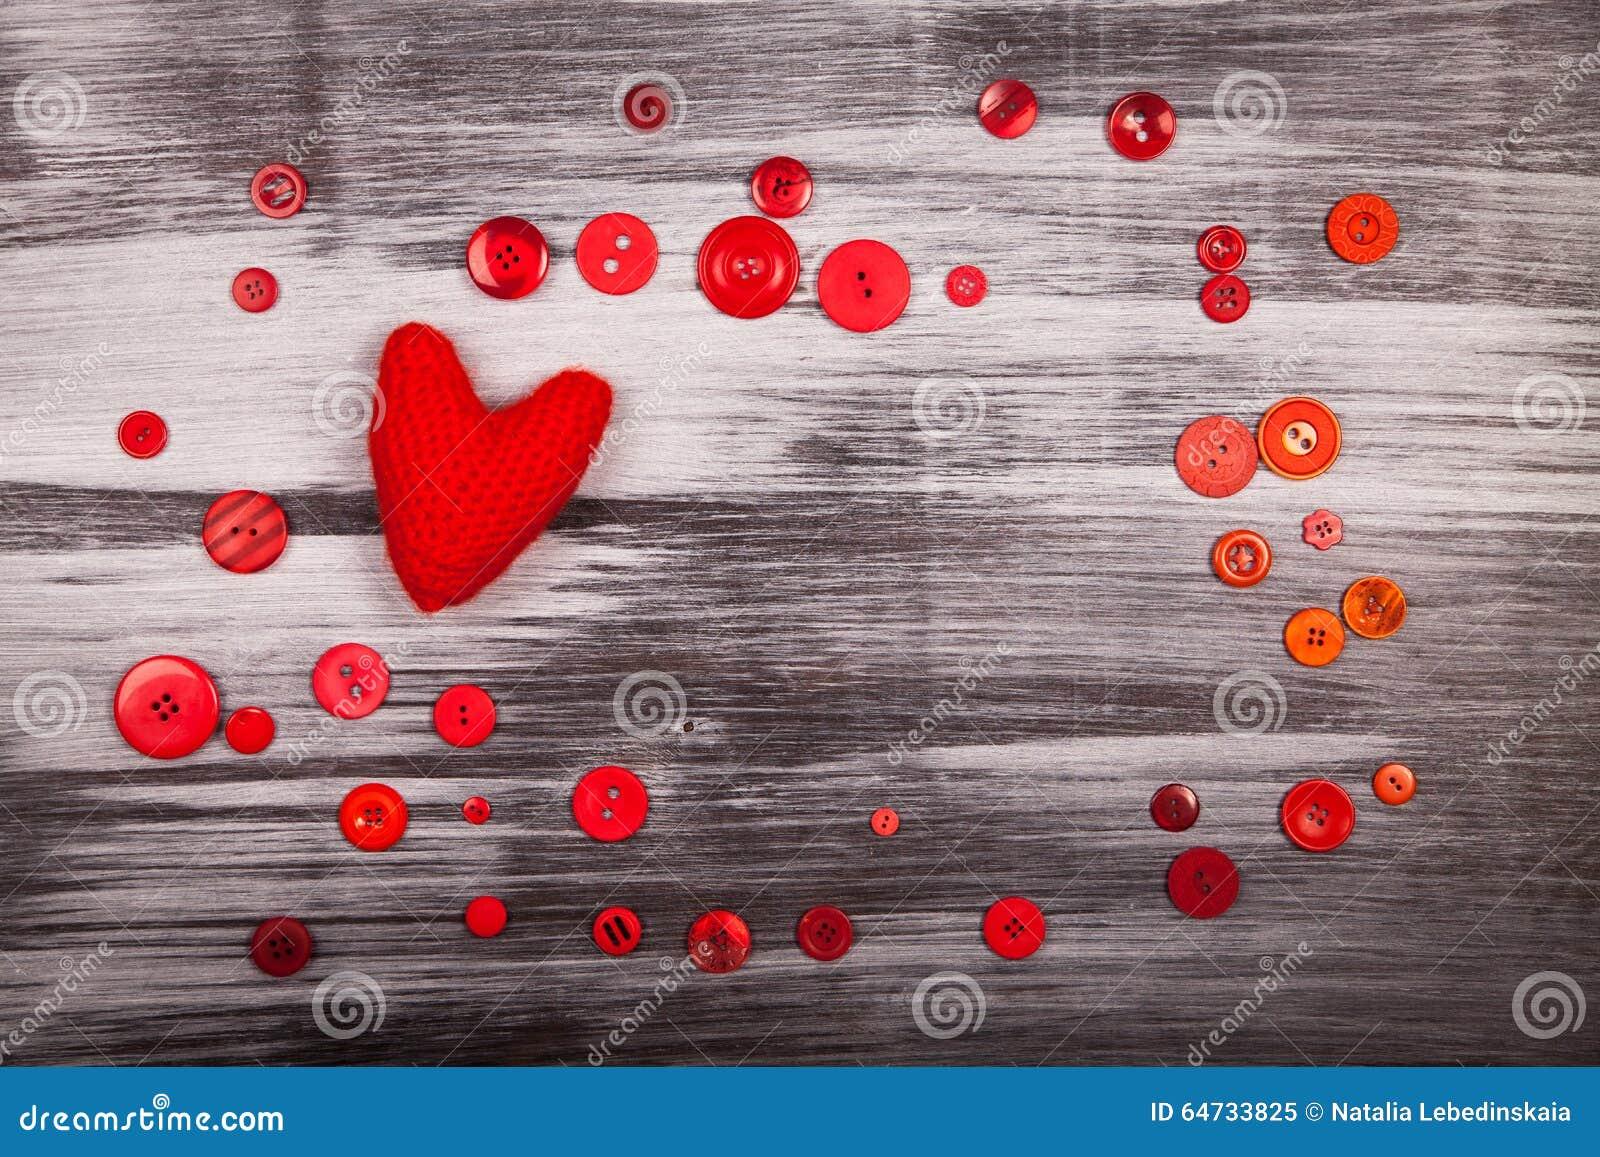 Cuore tricottato rosso e molti bottoni rossi